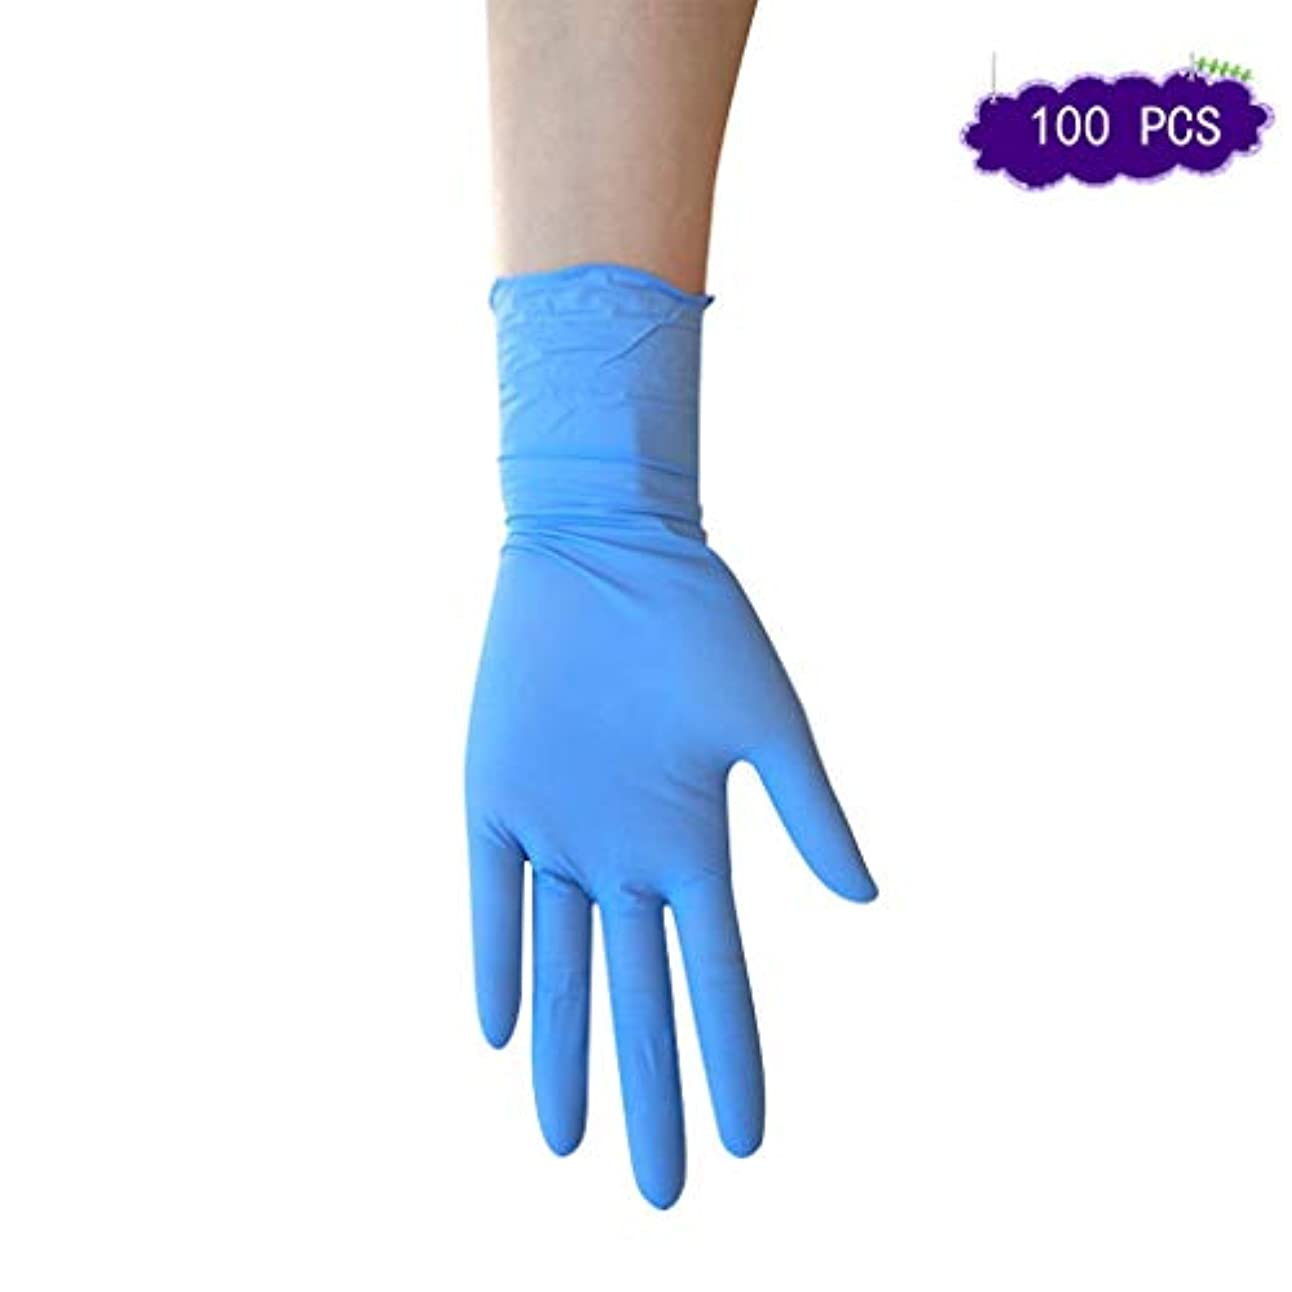 アンドリューハリディ東ティモールスケルトン使い捨てラテックス手袋ニトリル低温保護医療滅菌手袋9インチブルースキッド手袋なしパウダー (Color : 9 inch, Size : S)